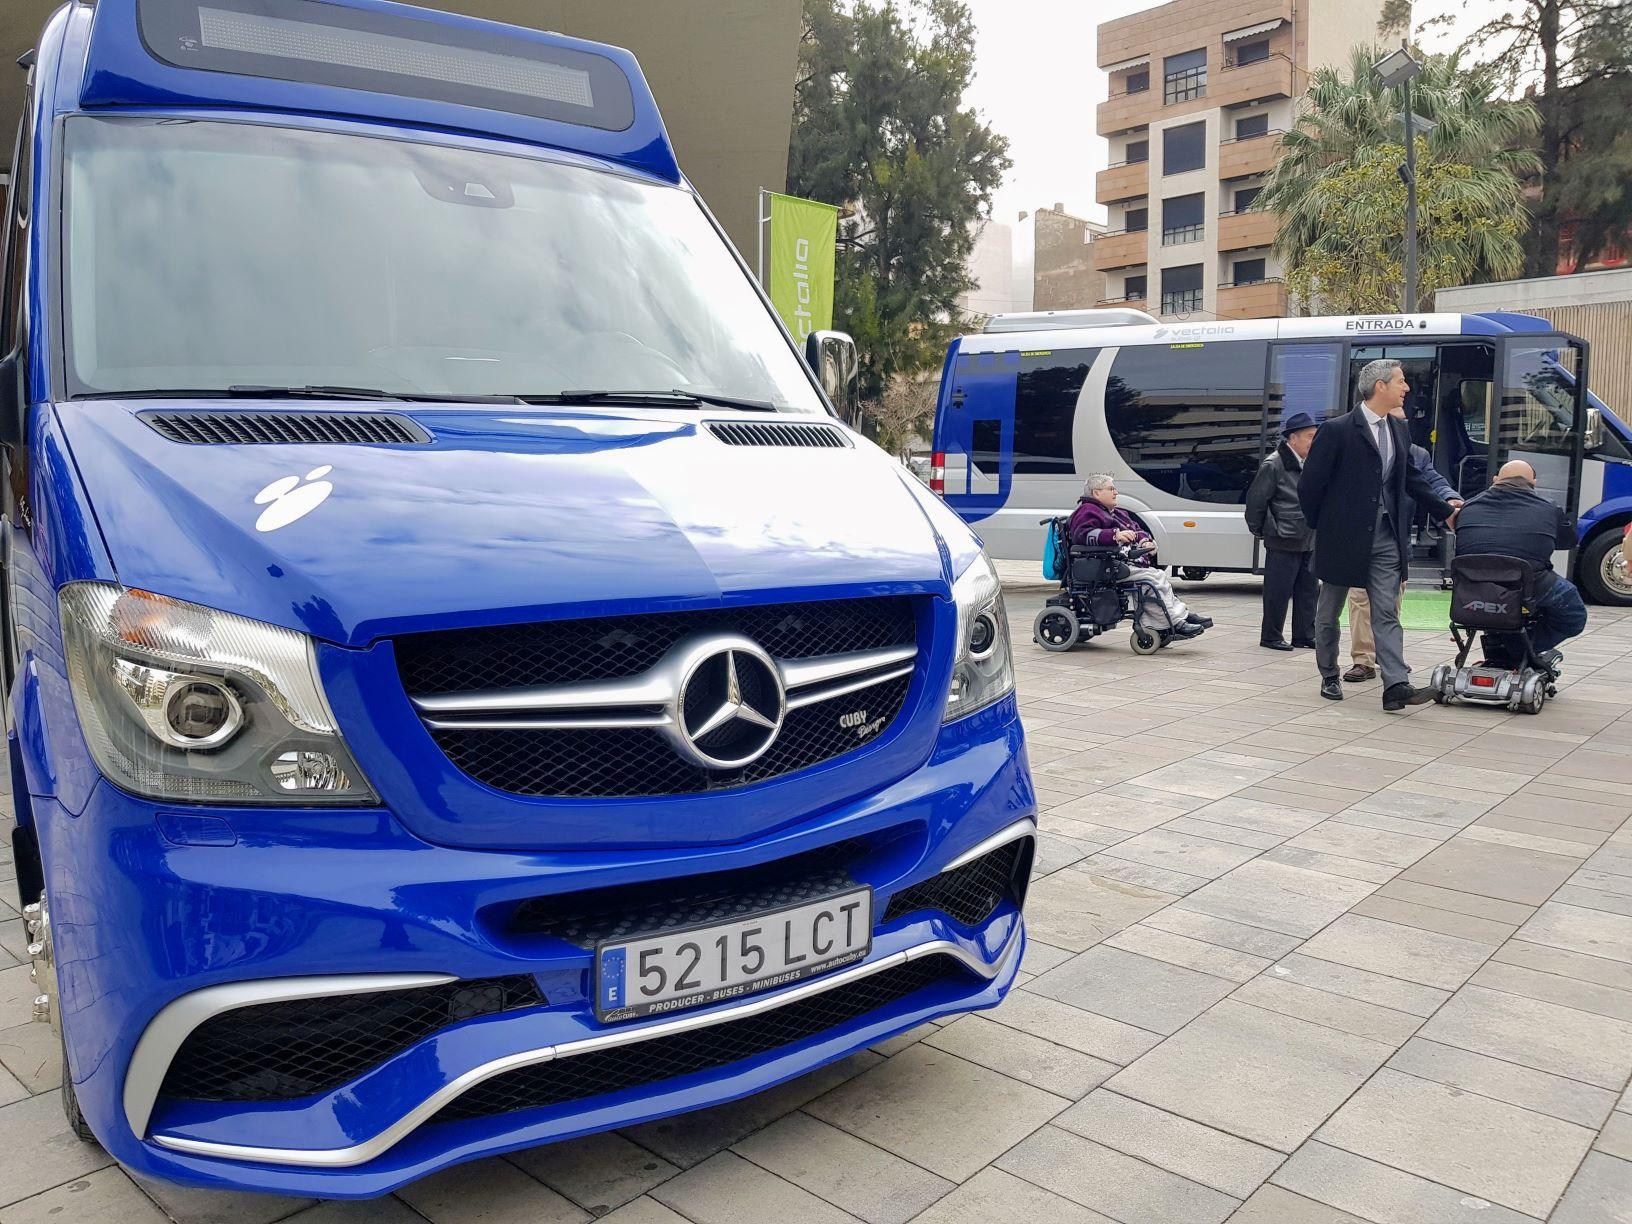 El Ayuntamiento de Elda y Vectalia renuevan la flota de autobuses urbanos con dos vehículos de última generación